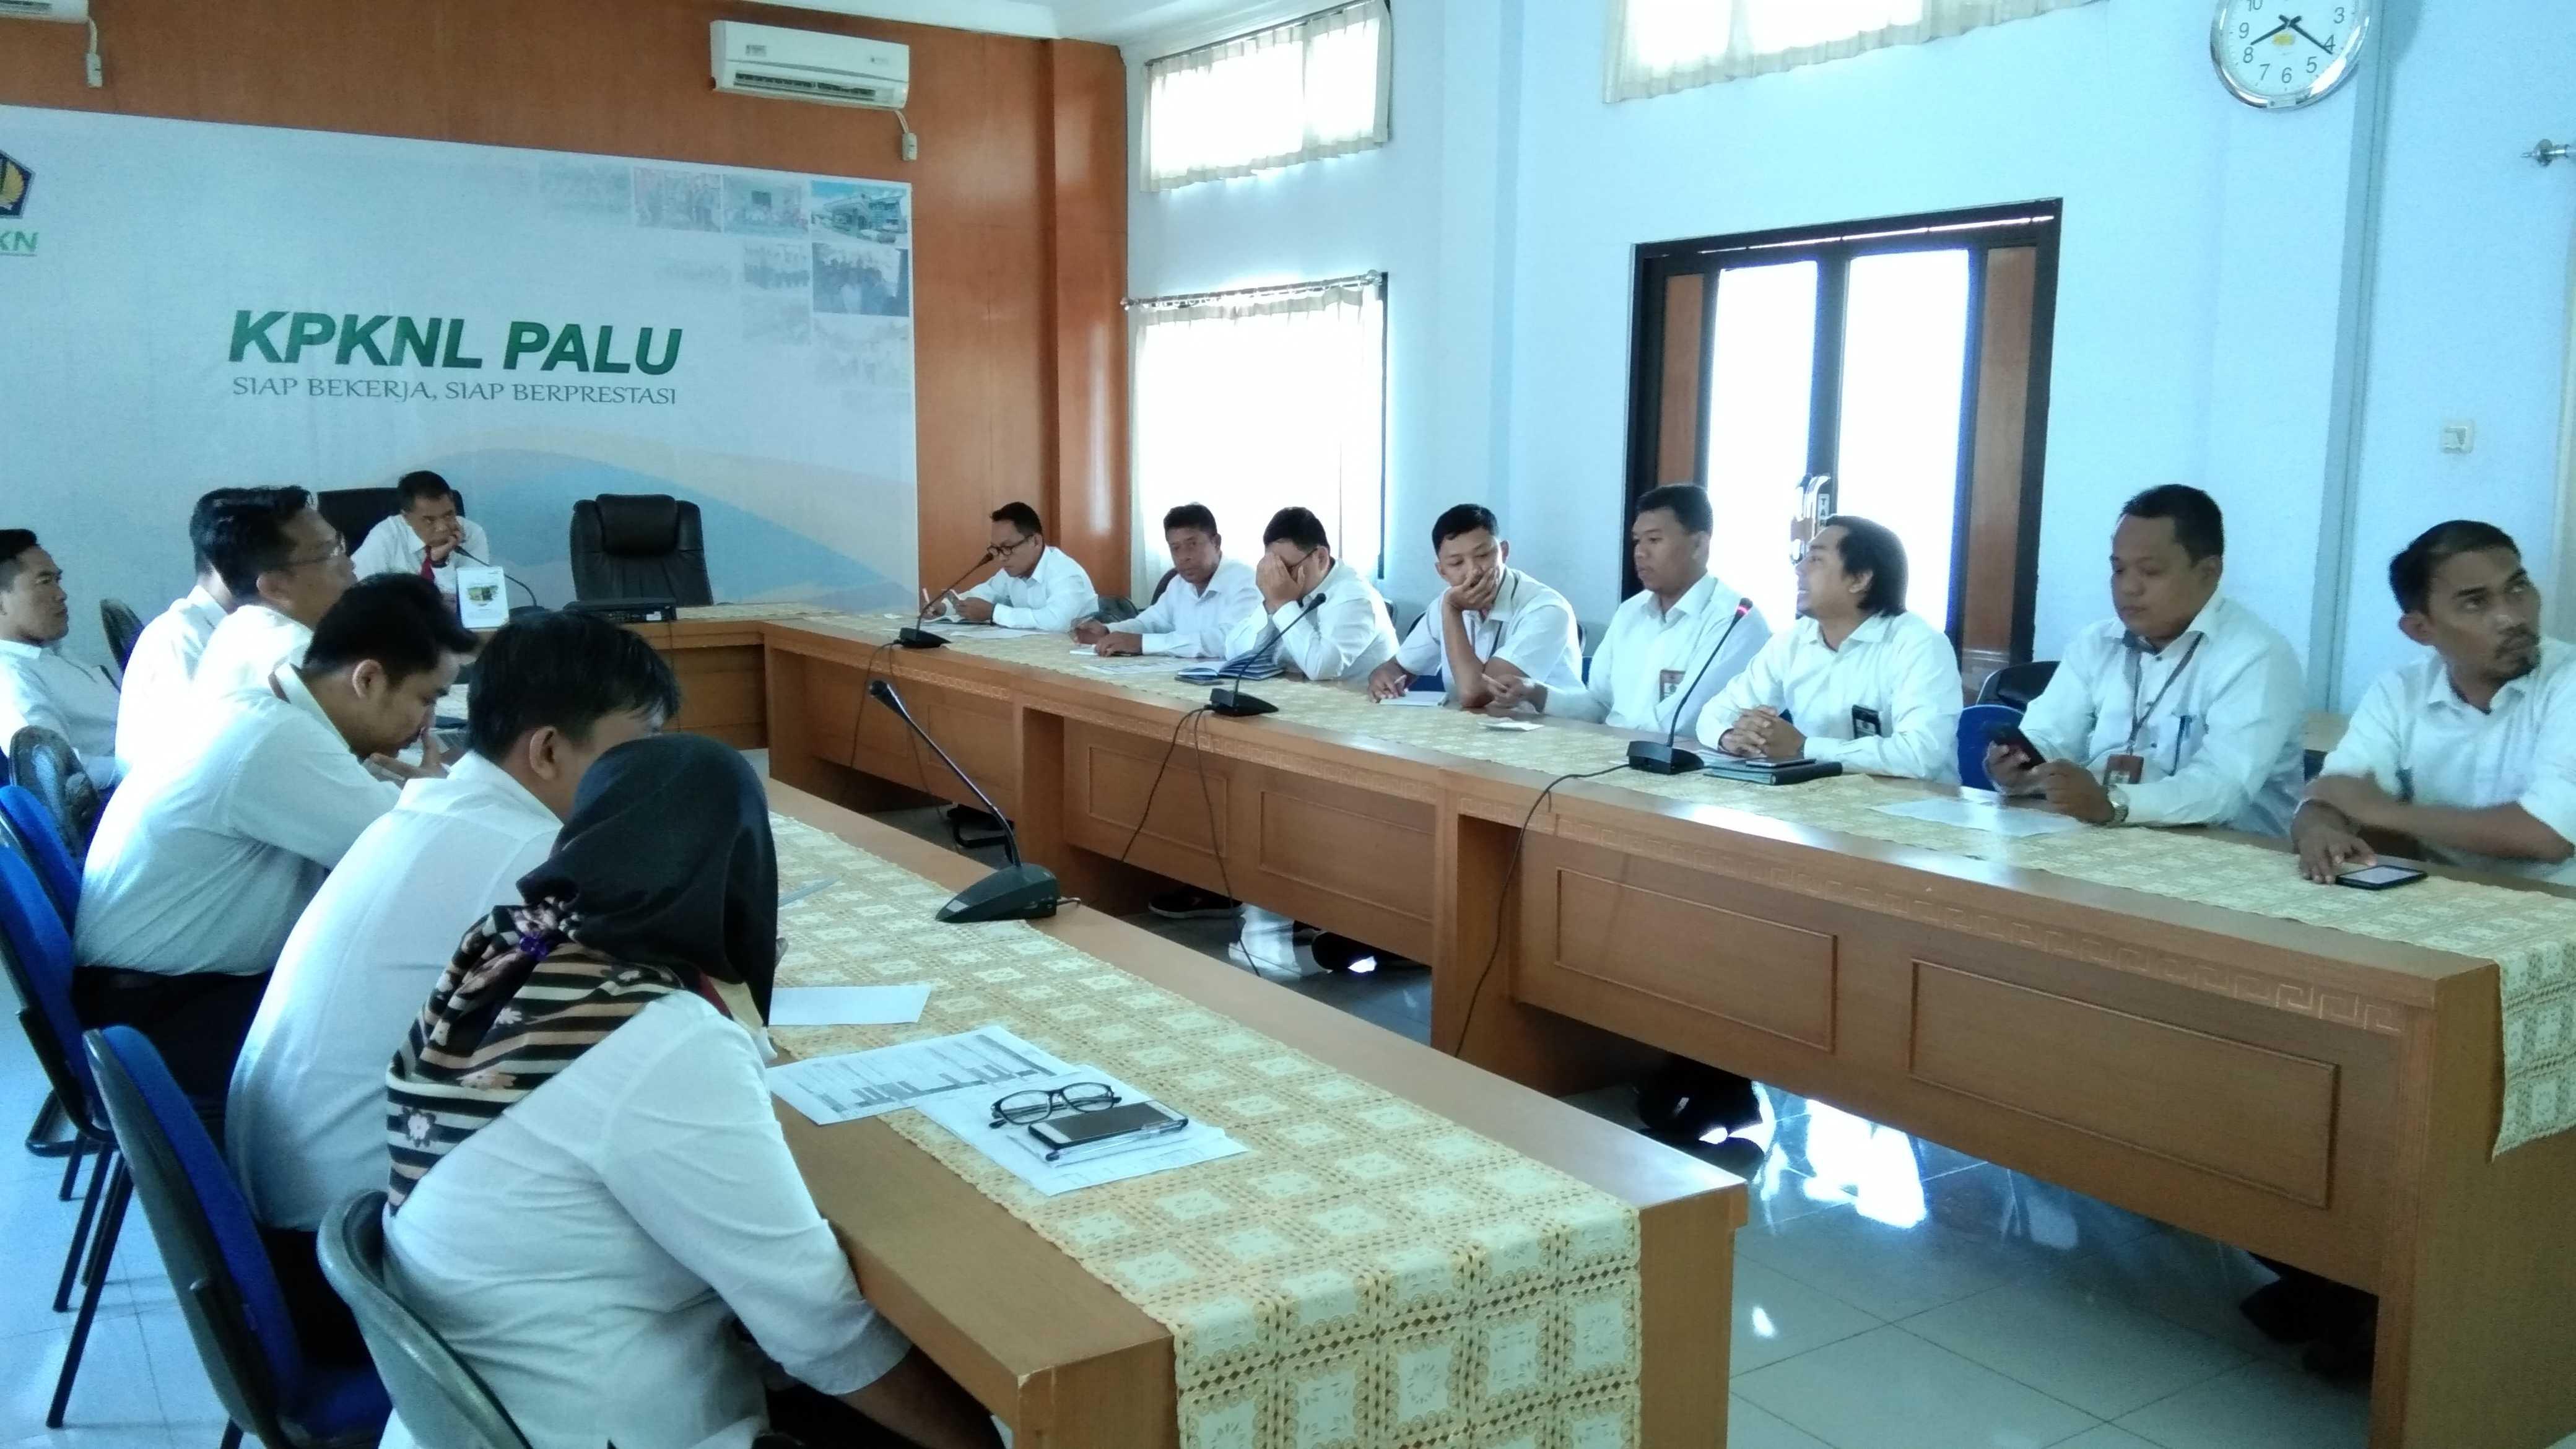 Rapat Dialog Kinerja Organisasi KPKNL Palu Tahun 2019.